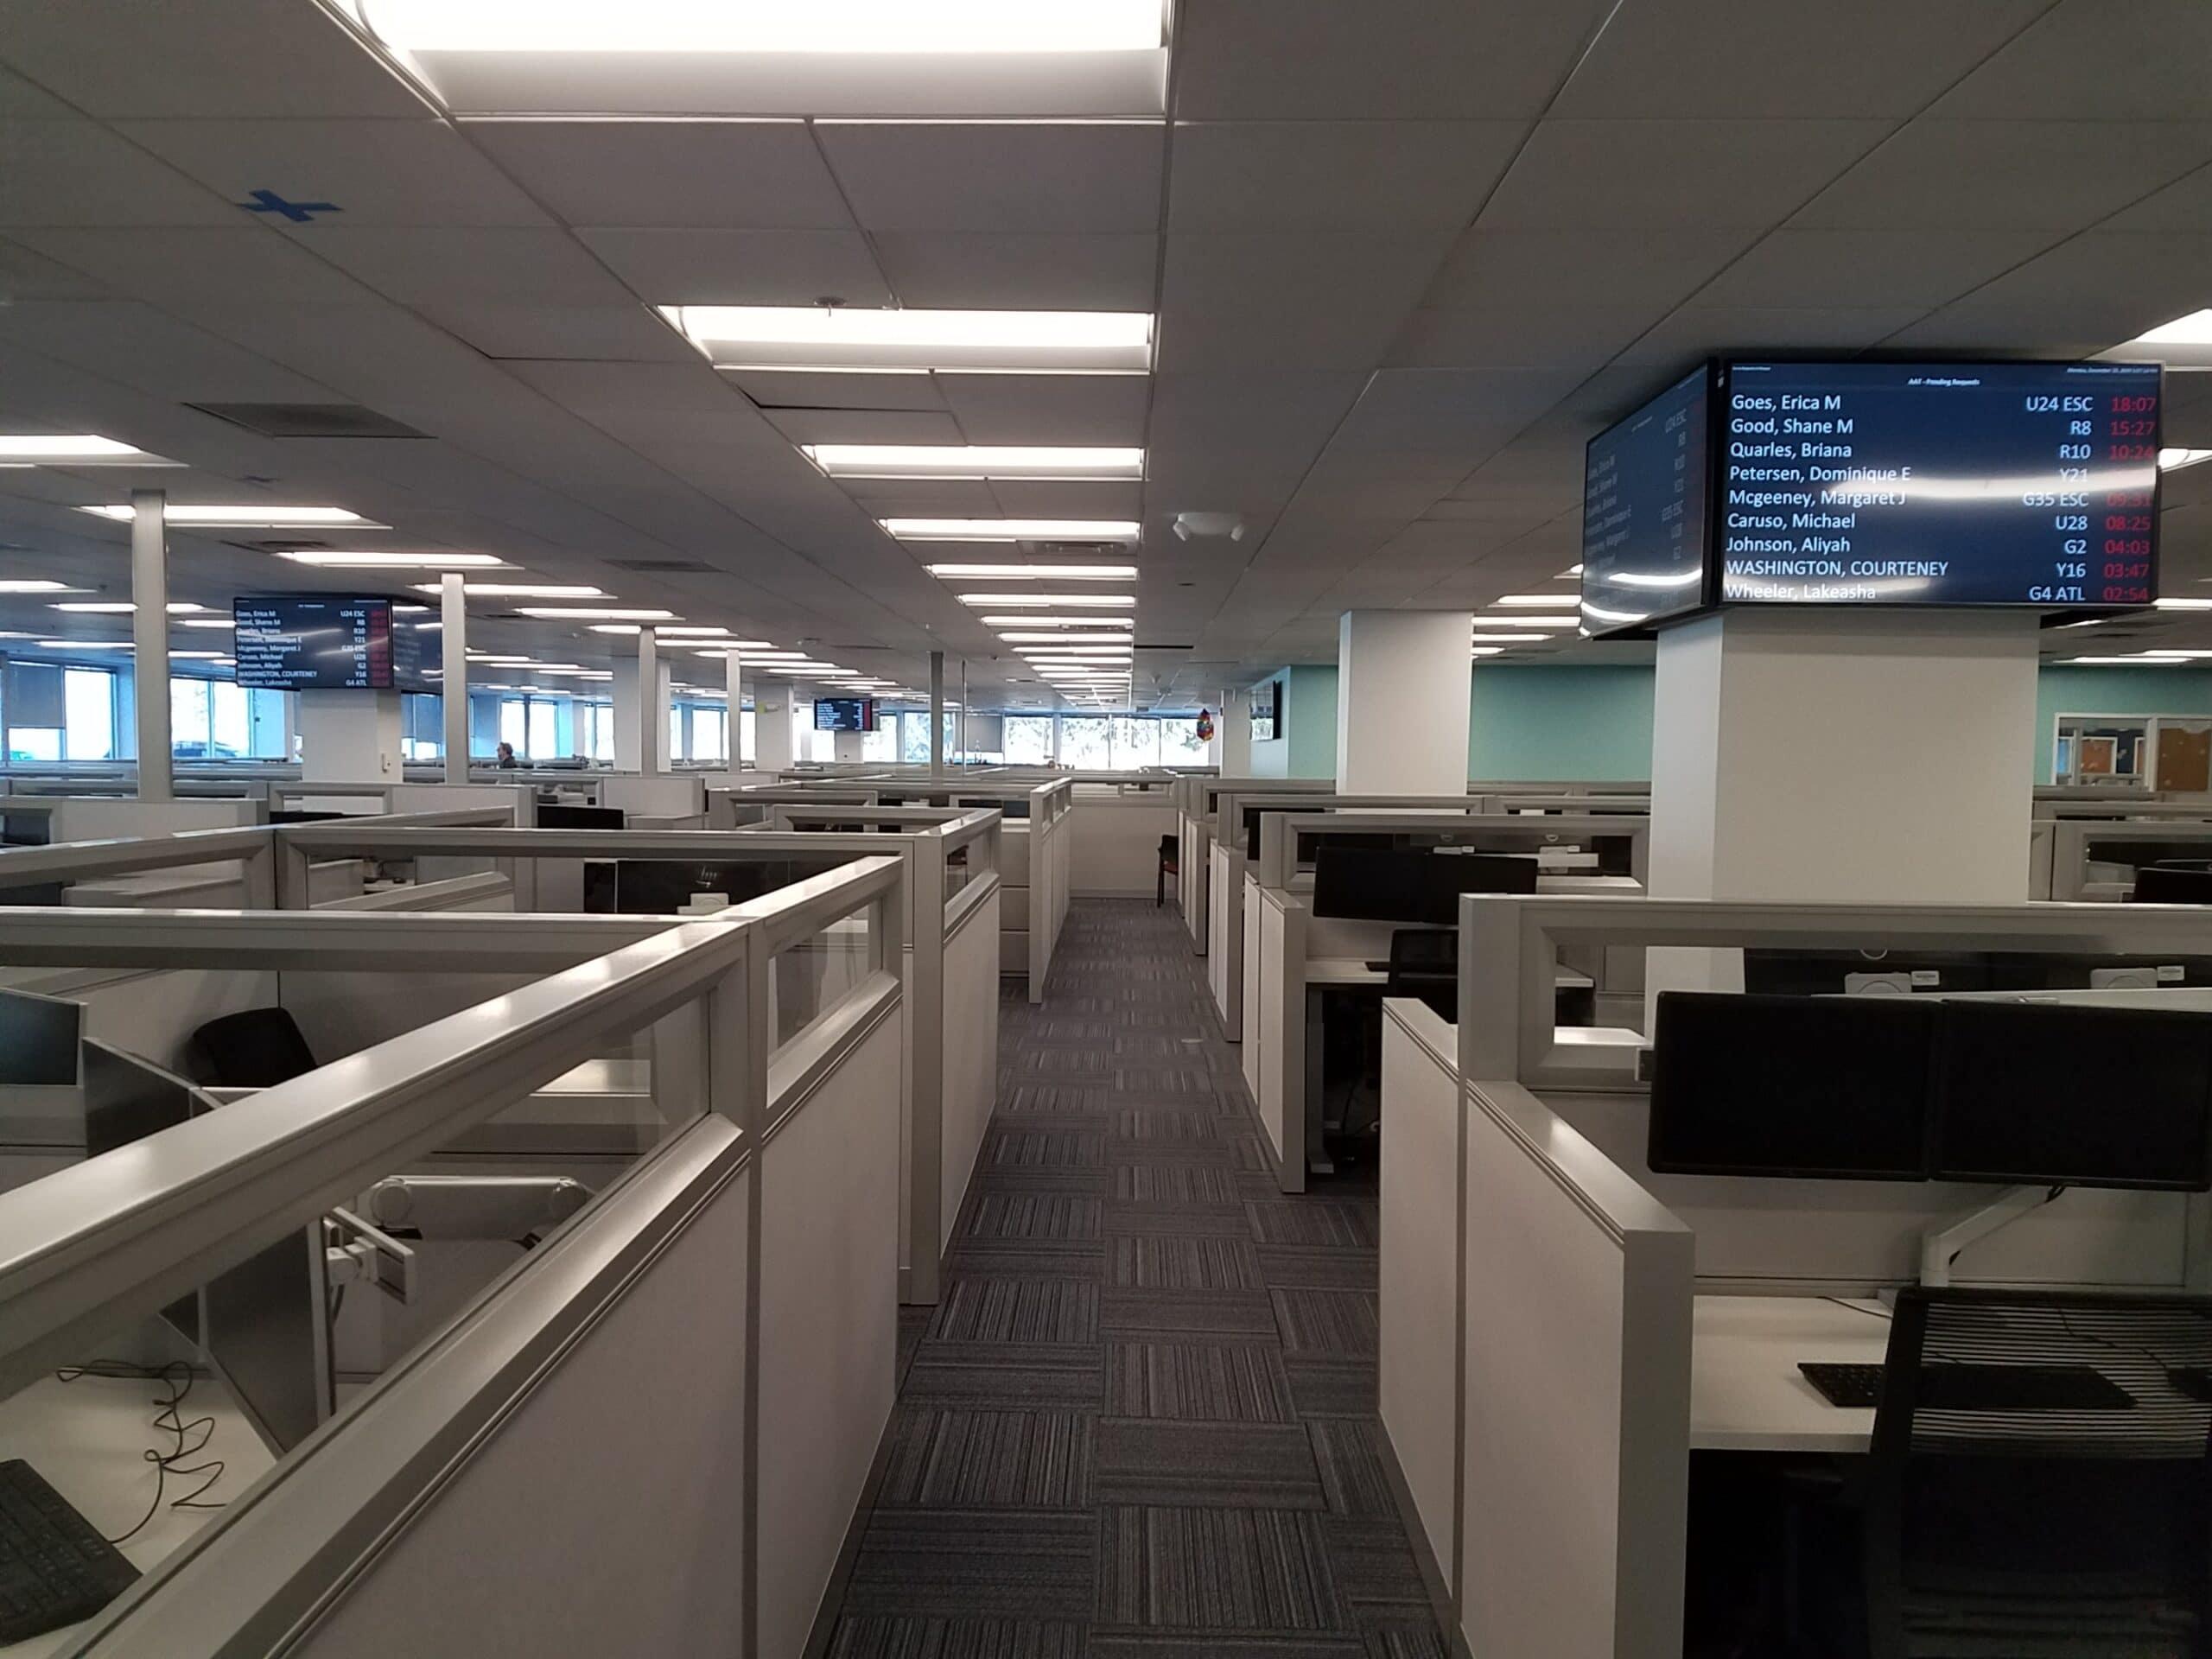 Time Warner Northeast Regional Headquarters gallery